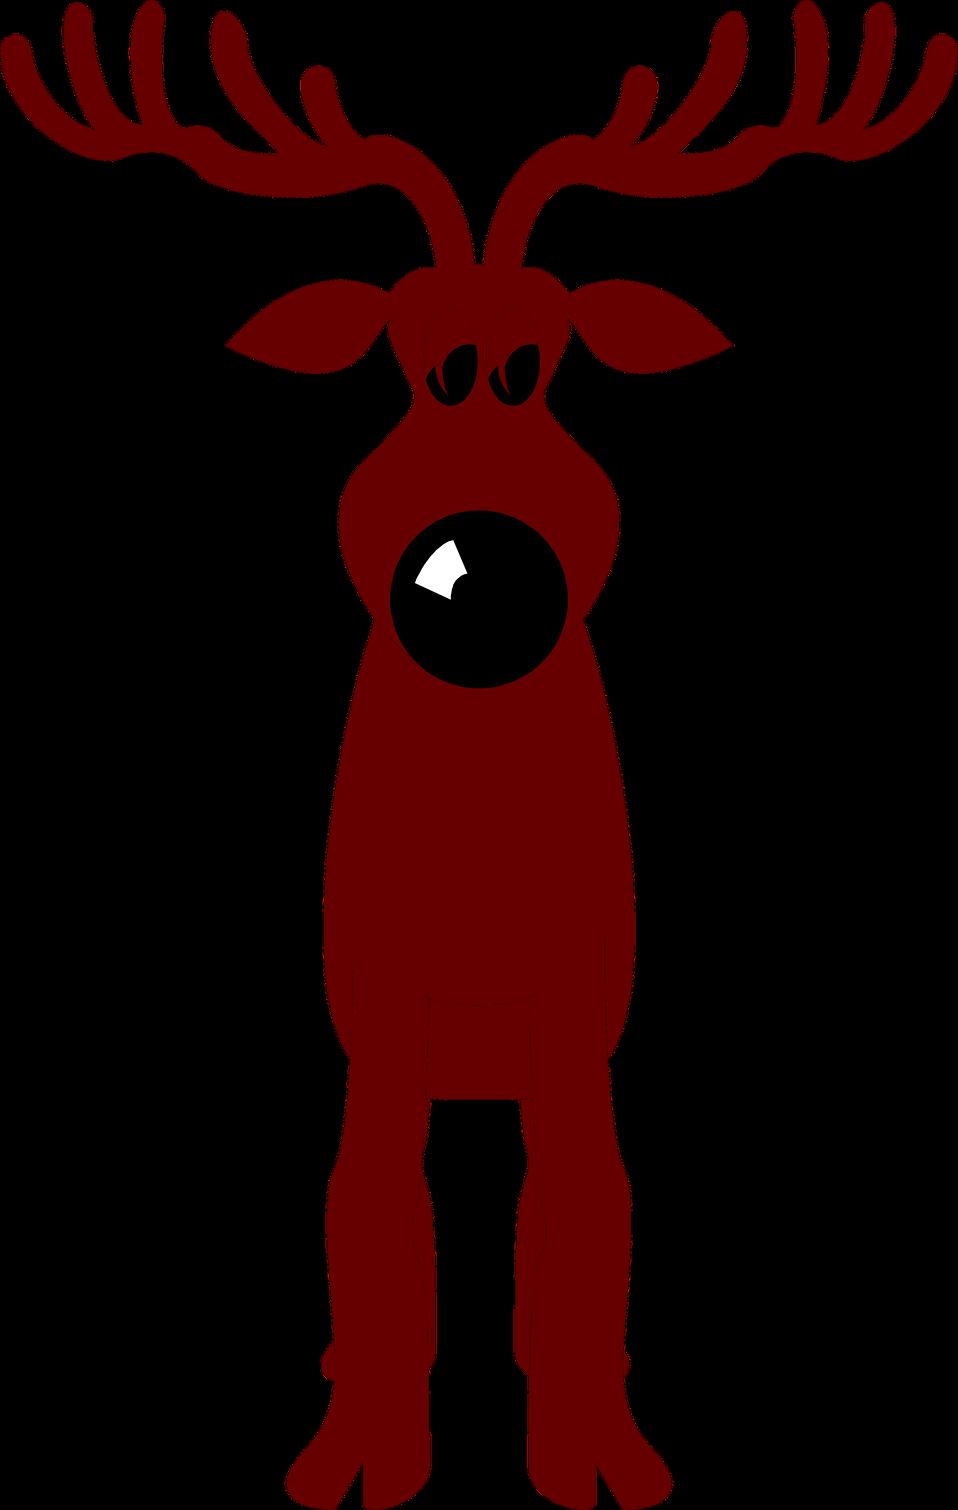 Deer clipart nose. Reindeer free stock photo